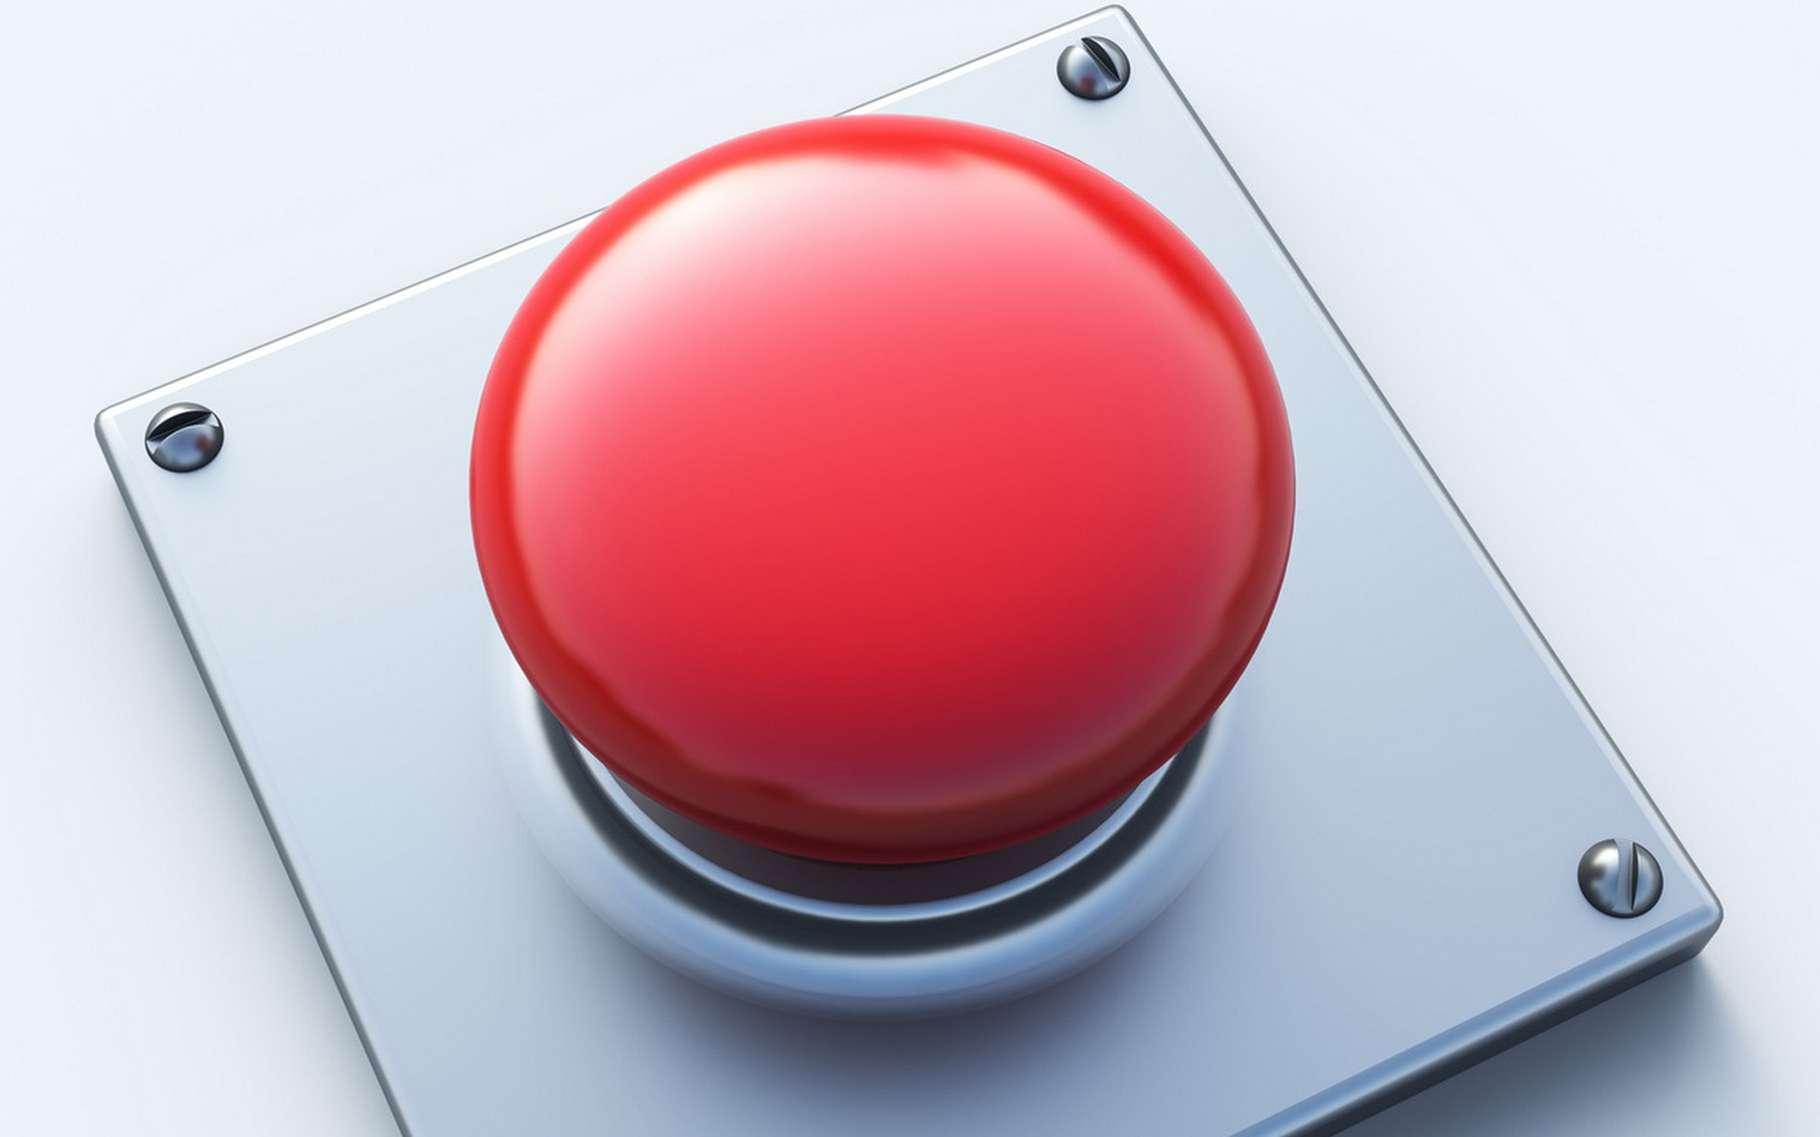 Si Google a bien décidé de tester un système d'urgence dans Android permettant de désactiver sur-le-champ une application suspecte, rien n'indique pour le moment que ce « bouton panique » sera effectivement adopté. © Trahko, Fotolia